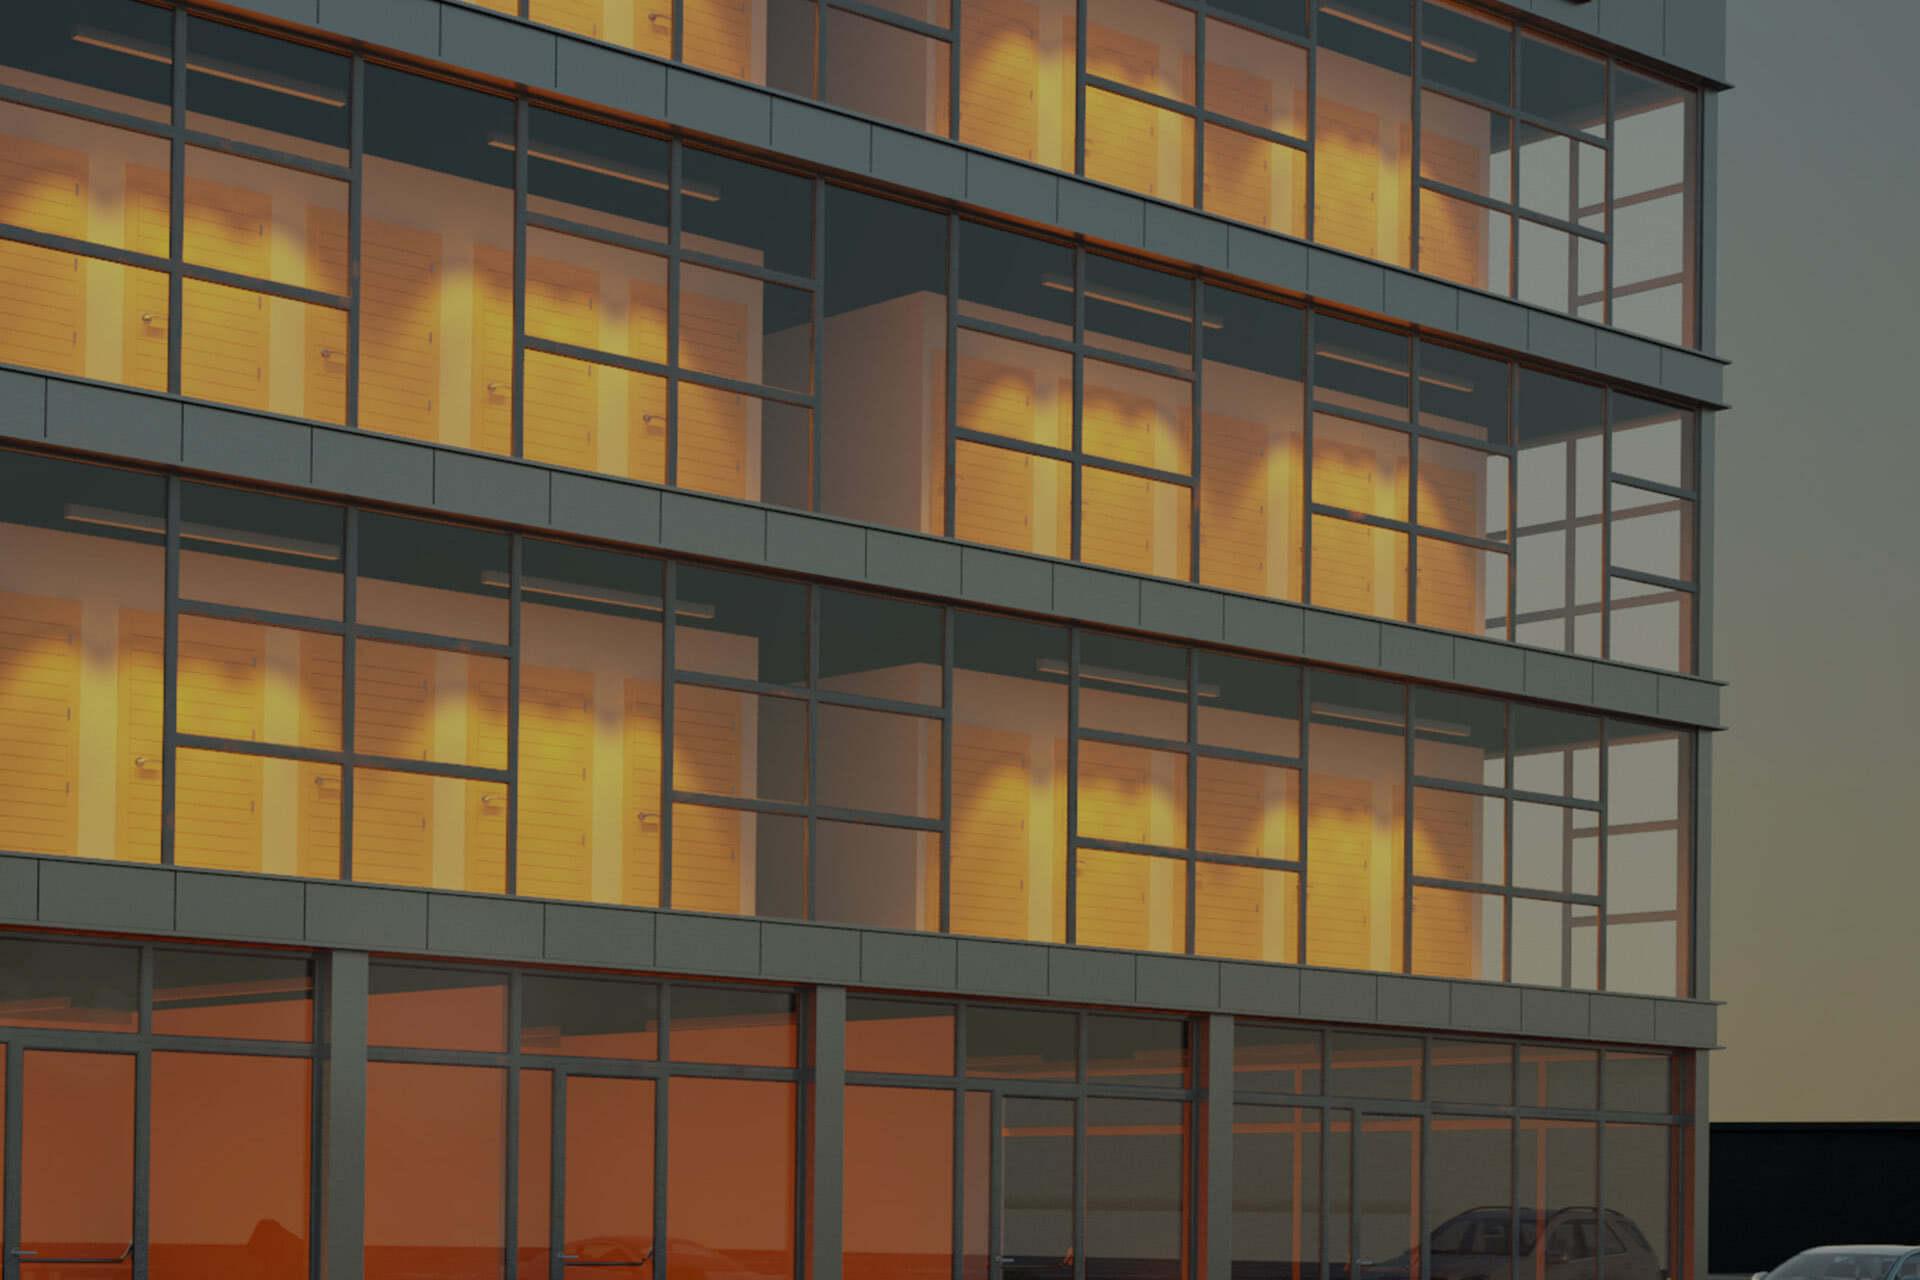 Four story self storage glass building